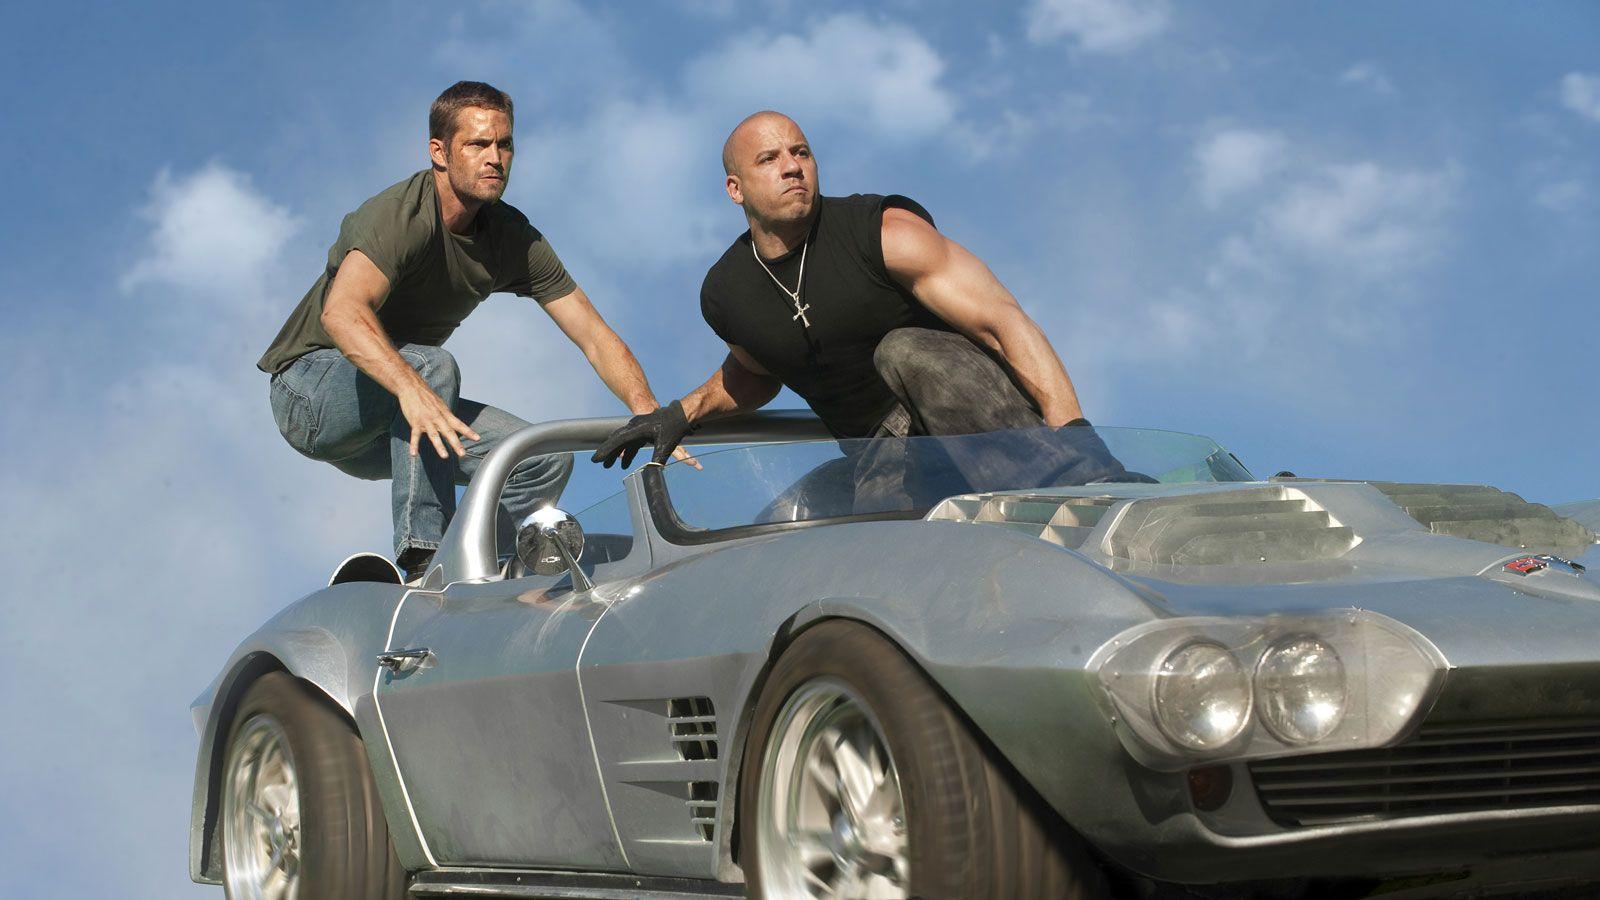 http://3.bp.blogspot.com/-Da1zrIAAhXM/Ta_a2afsS-I/AAAAAAAAAB4/i4Cpjn_Ix_k/s1600/Fast-Five-Film.jpg